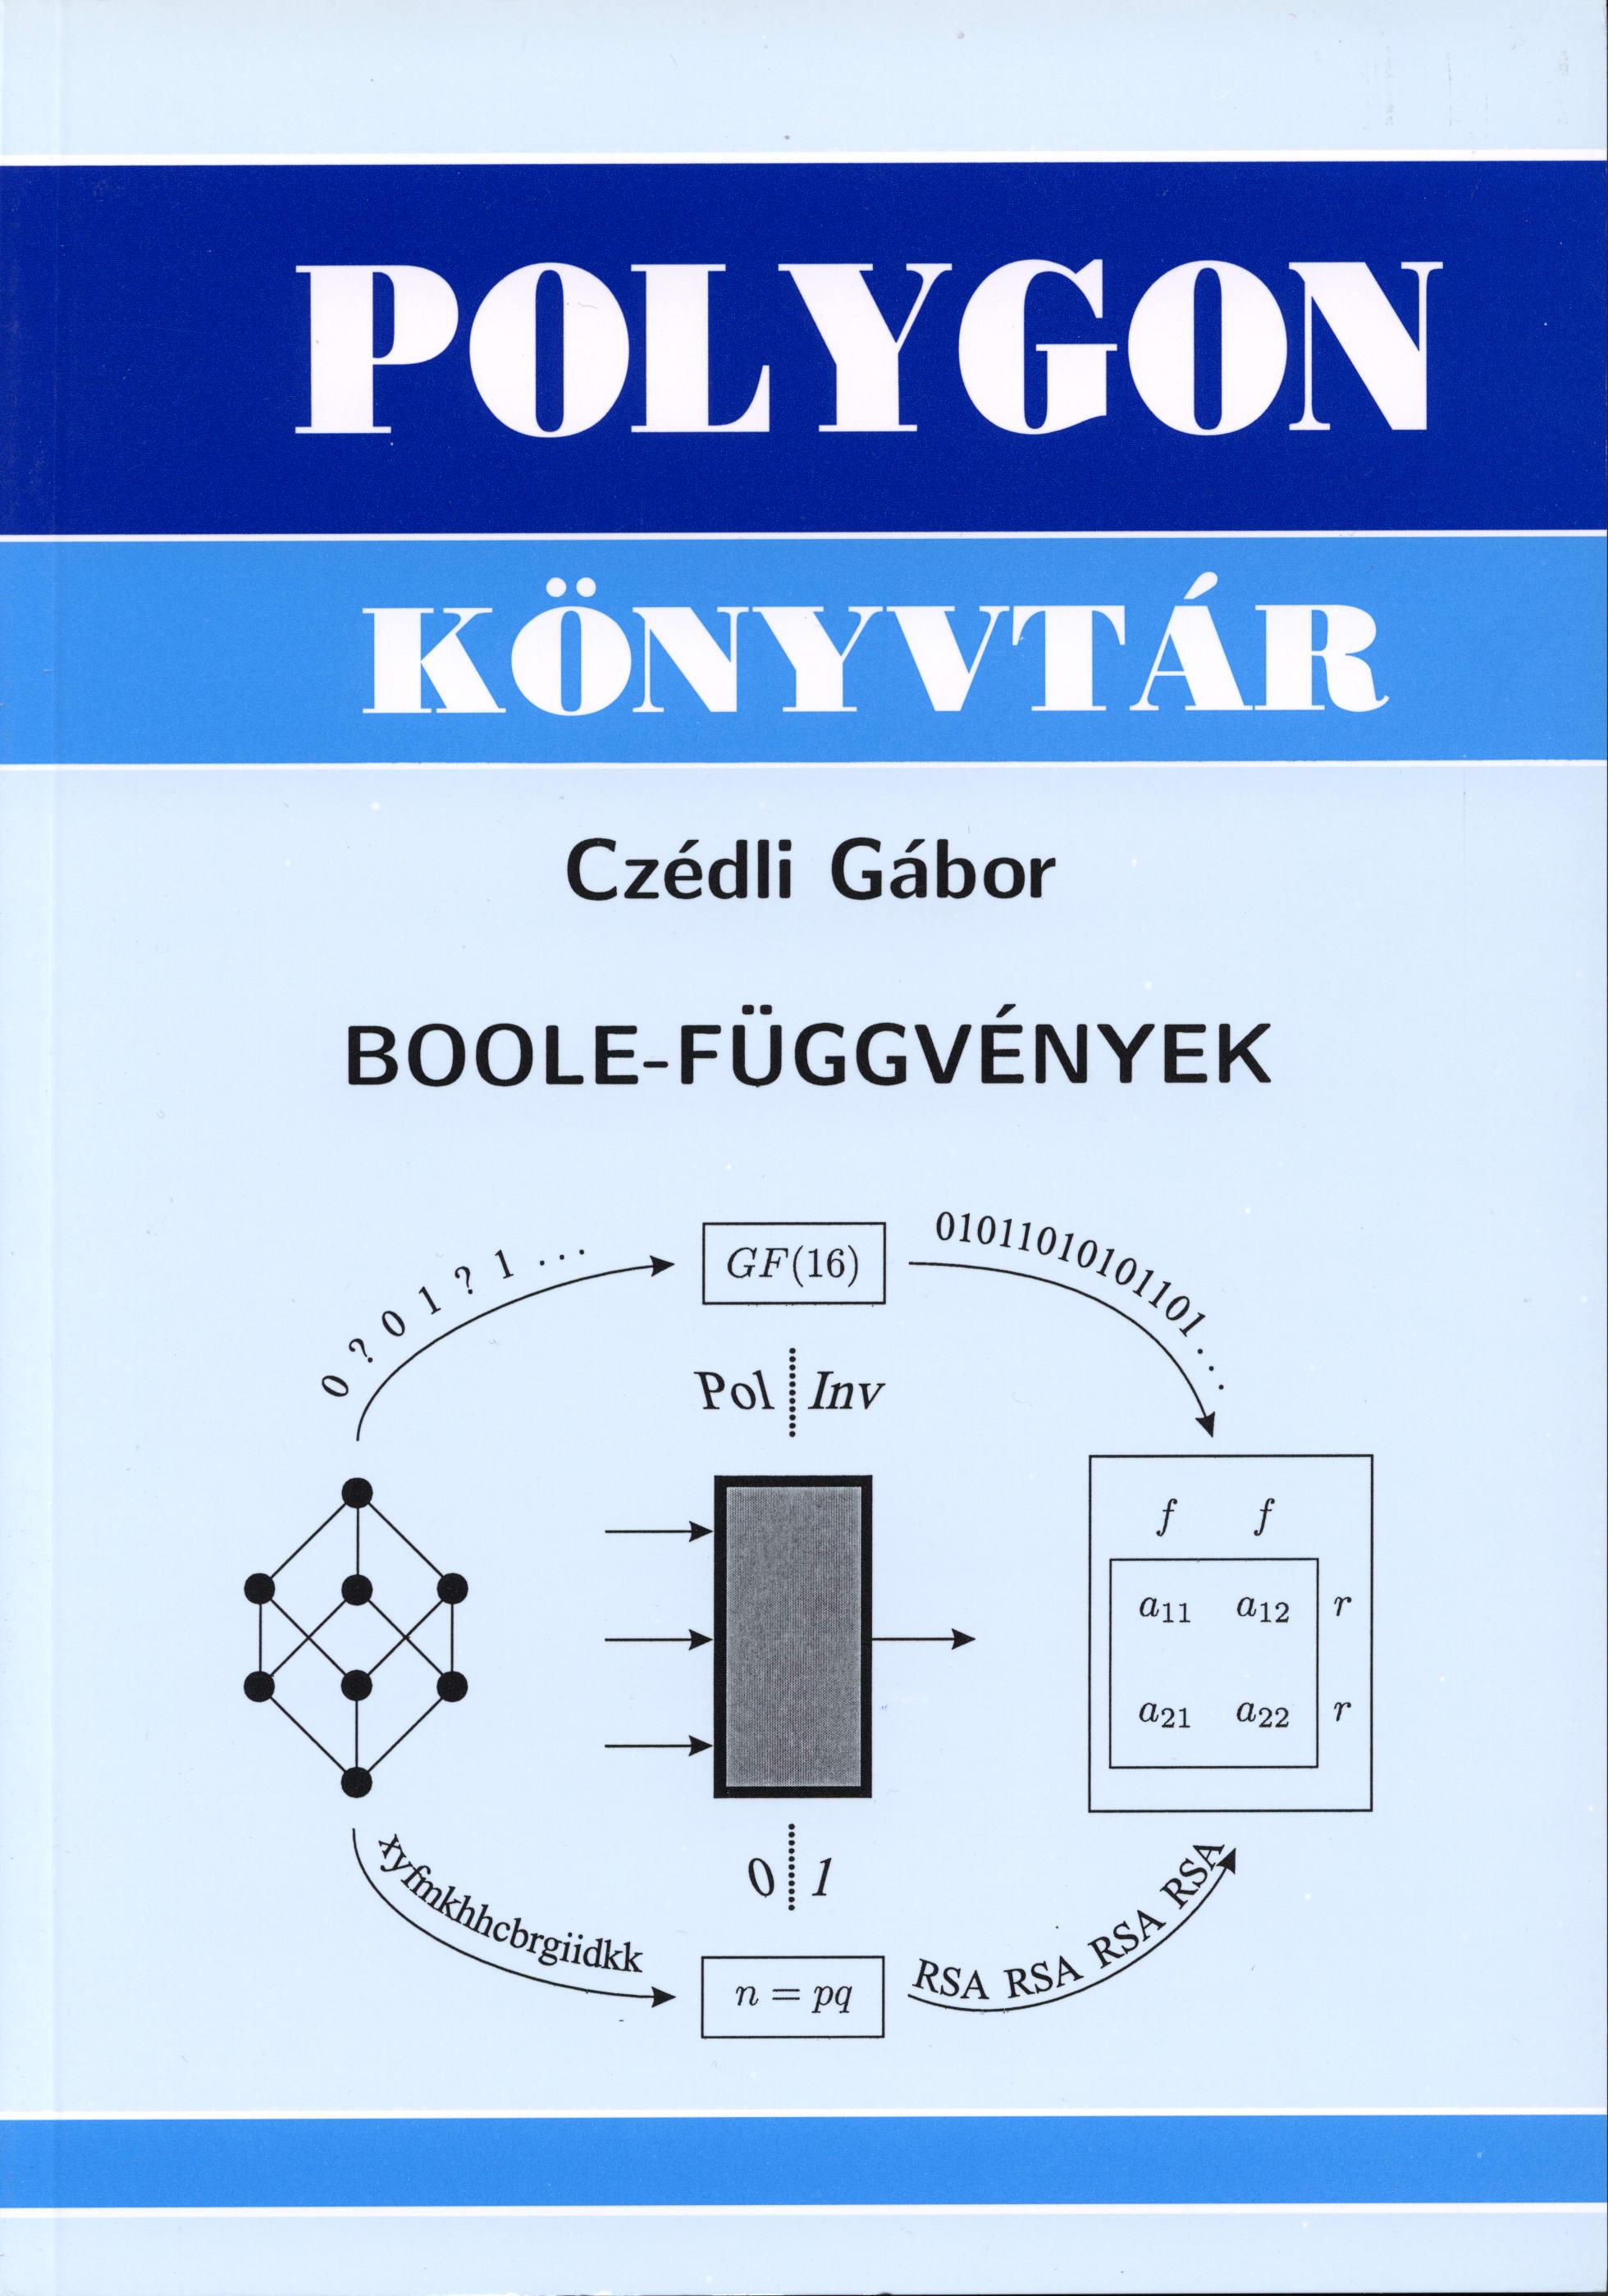 Boole-függvények - Polygon jegyzet